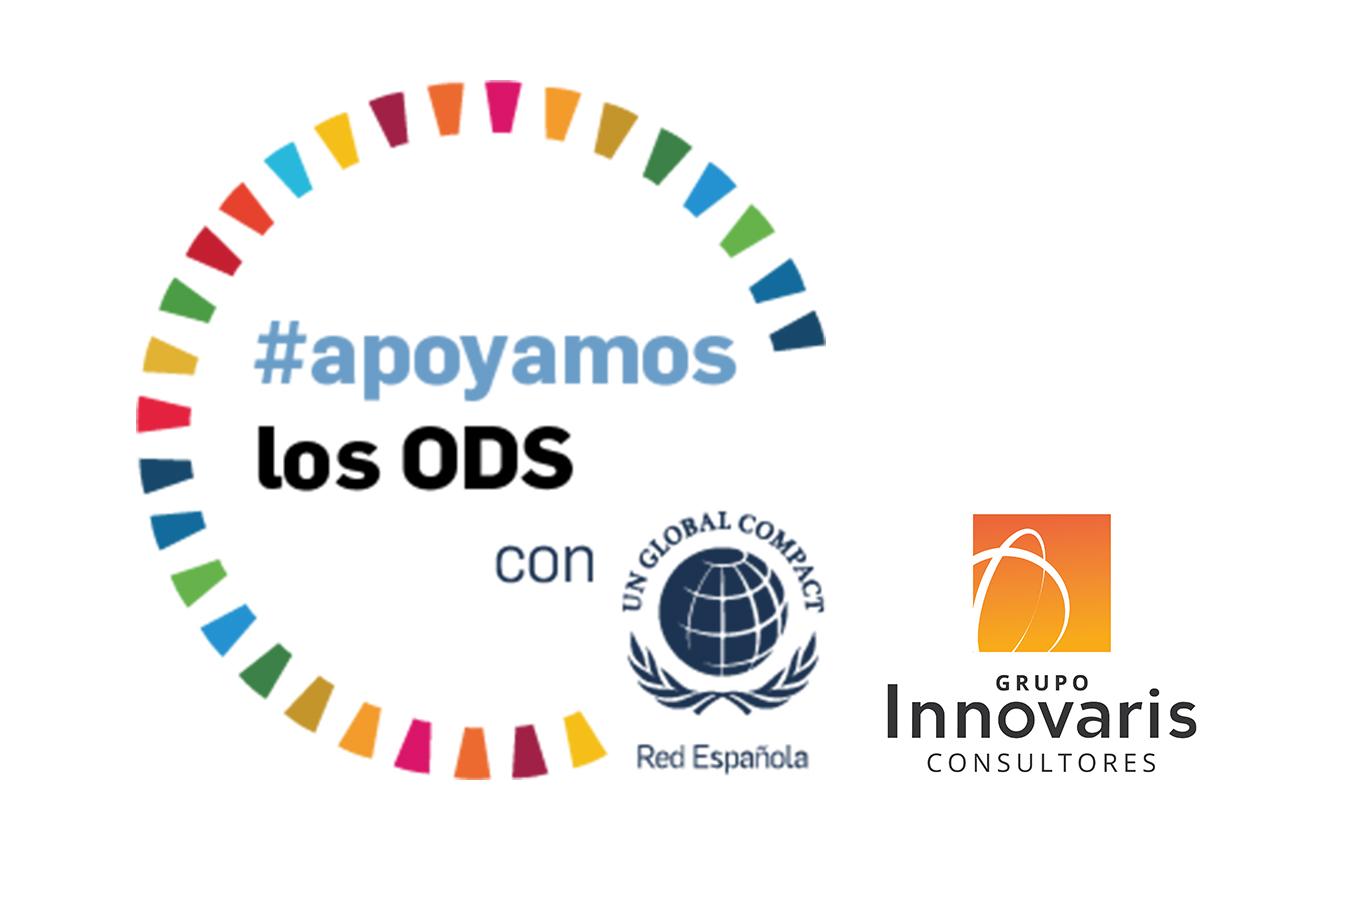 5 aniversario de la Agenda 2030 apoyamos los ODS